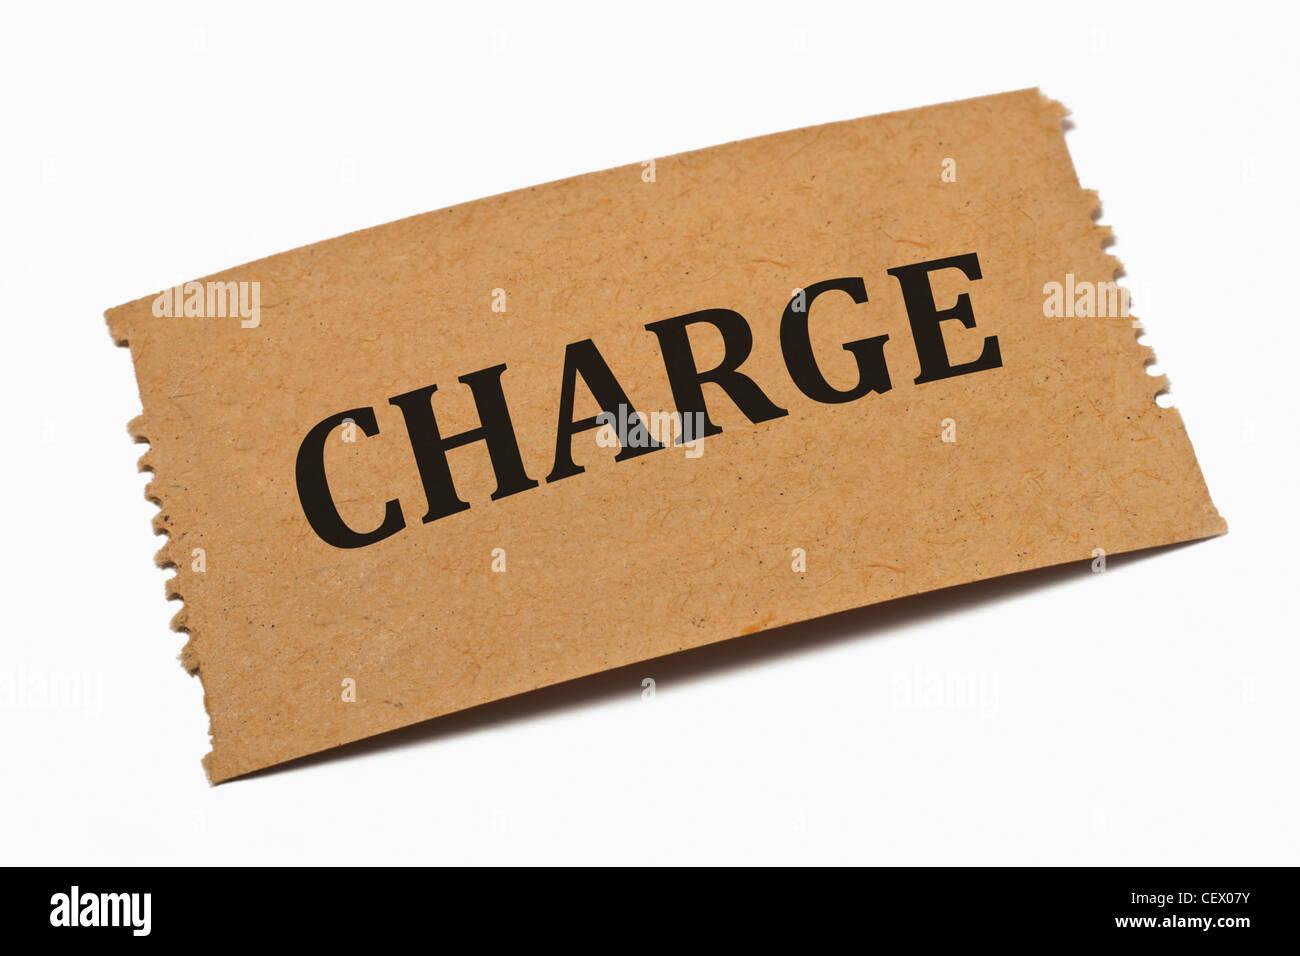 Detailansicht einer Karte aus Papier mit der Aufschrift Charge | Detail photo of a paper card with the inscription - Stock Image